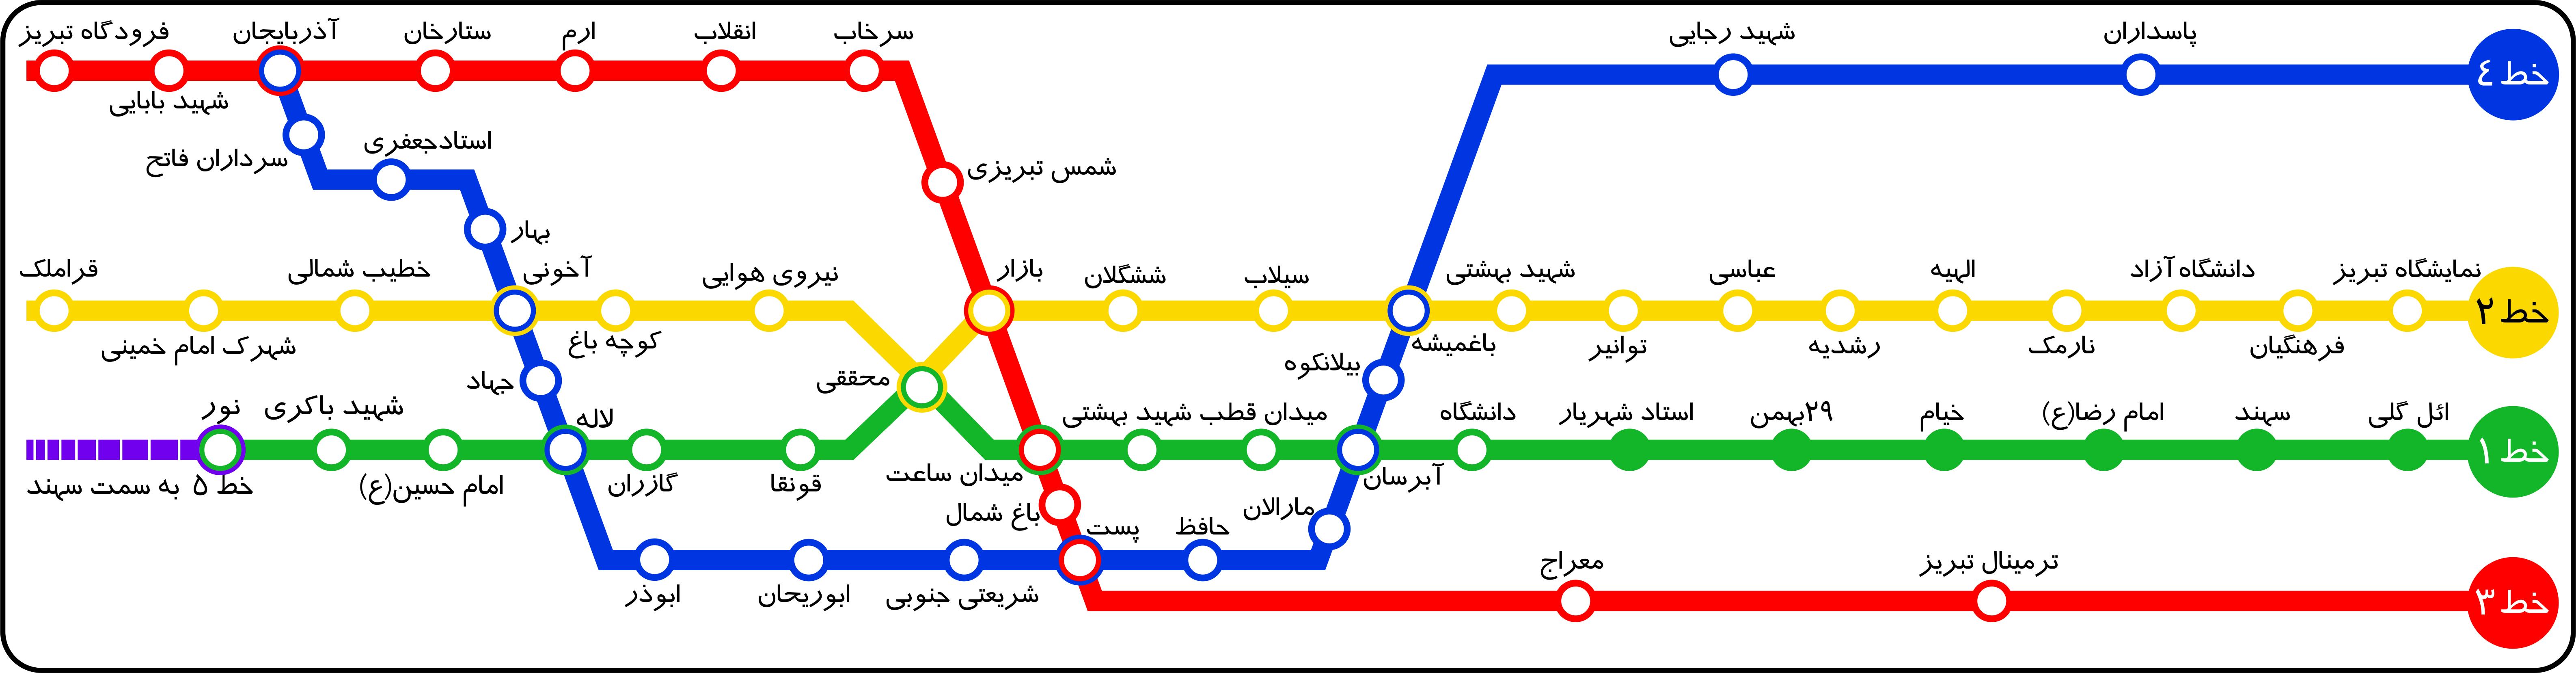 نزدیک ترین مترو به بیمارستان گاندی File:نقشه متروی تبریز به همراه شش ایستگاه افتتاح شده از خط ...